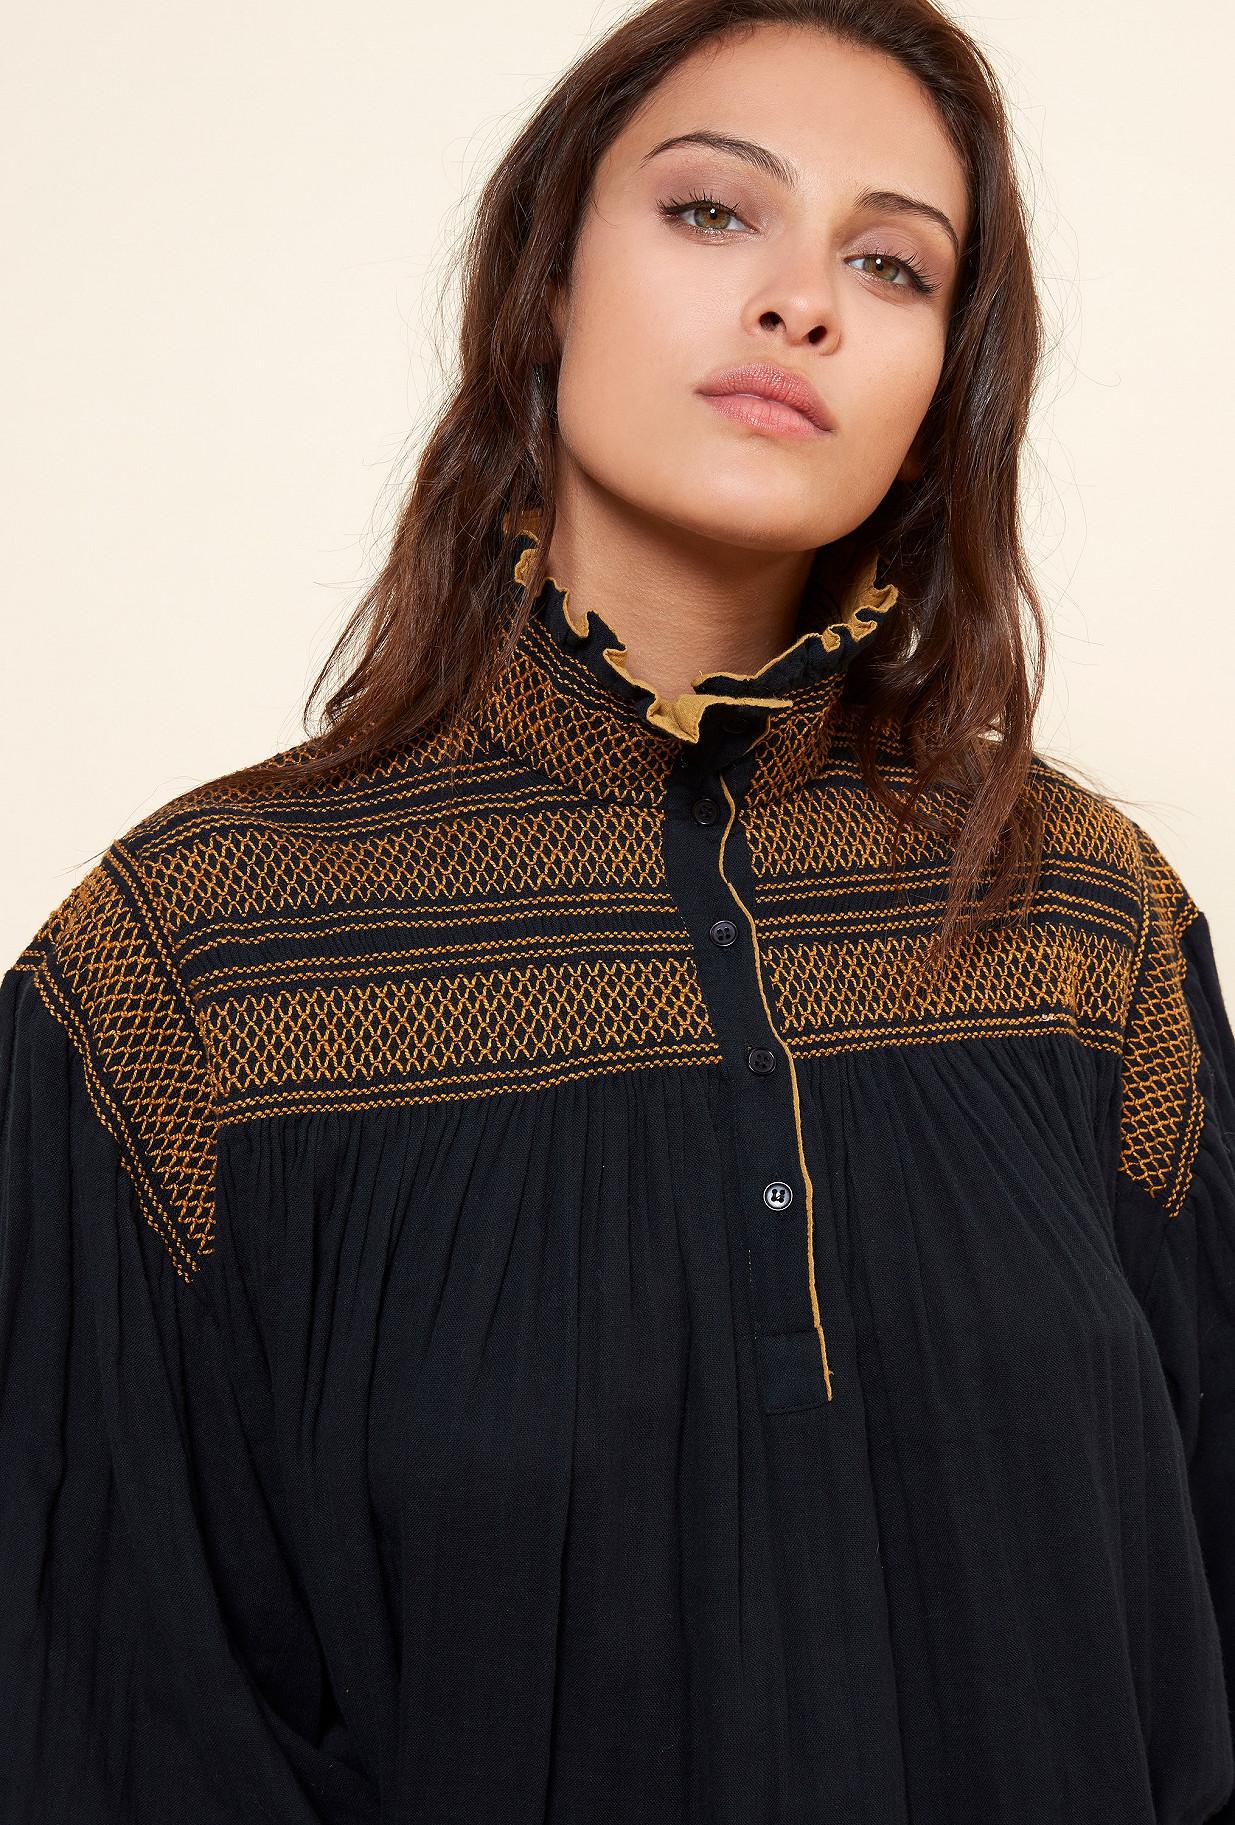 Black  Blouse  Tartuffe Mes demoiselles fashion clothes designer Paris